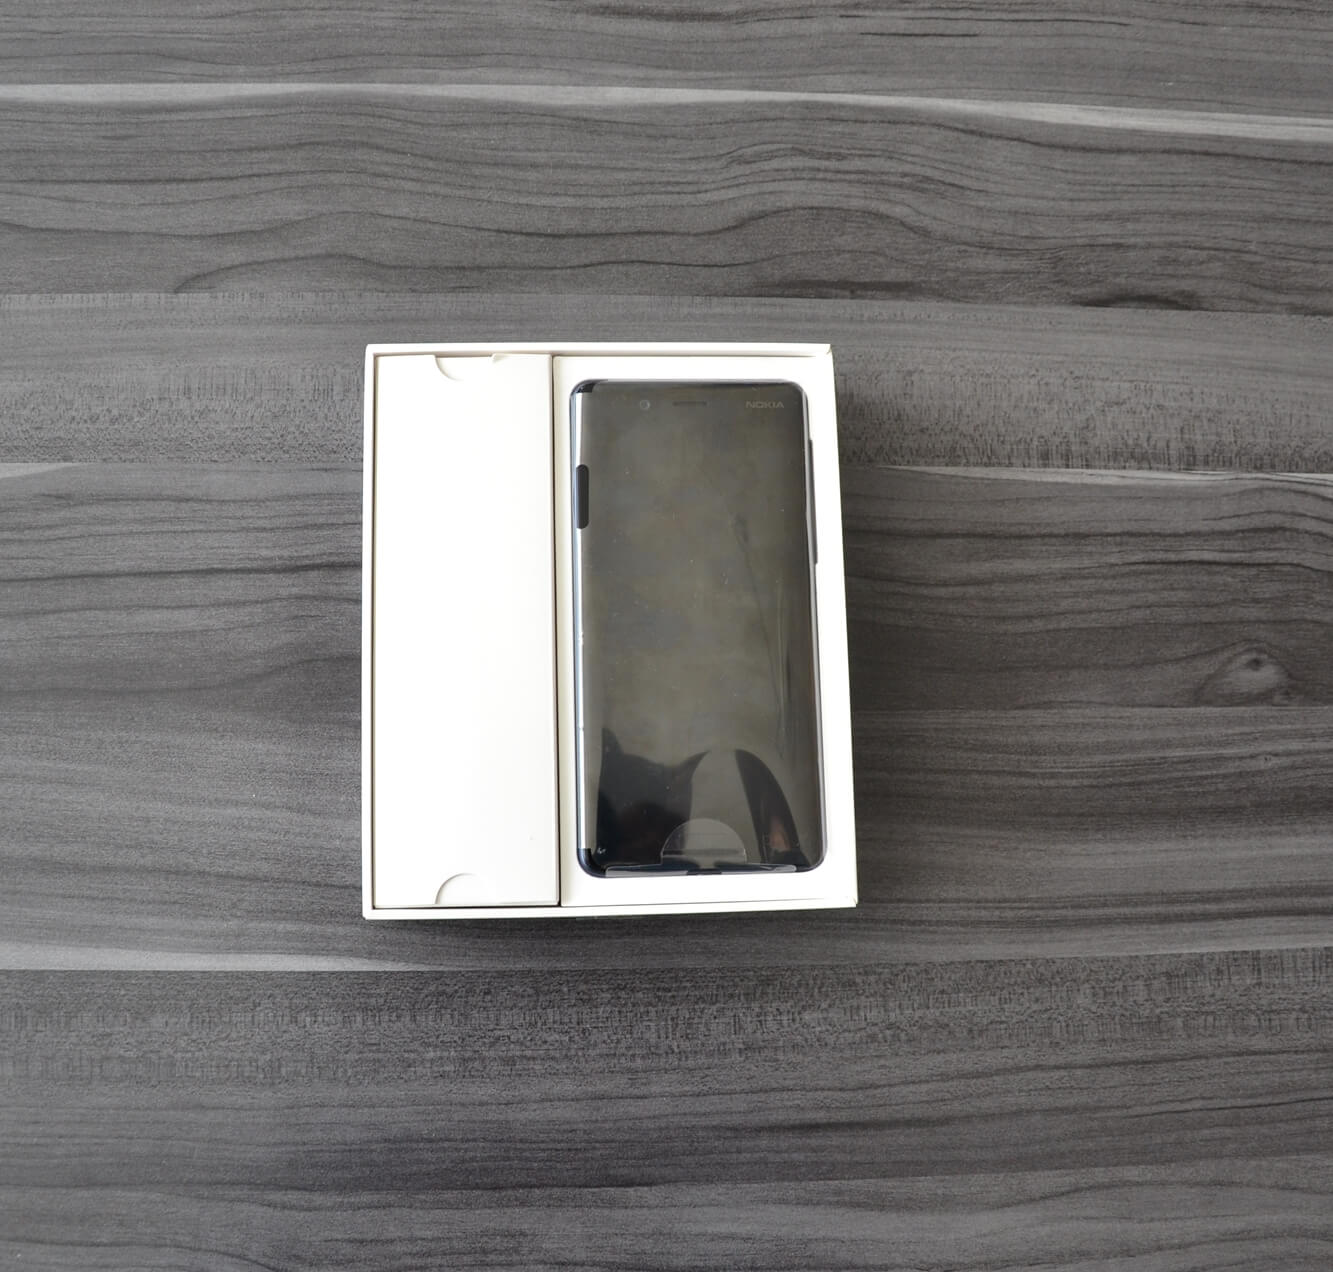 2 - Nokia 8 Testbericht - Nokia ist back!